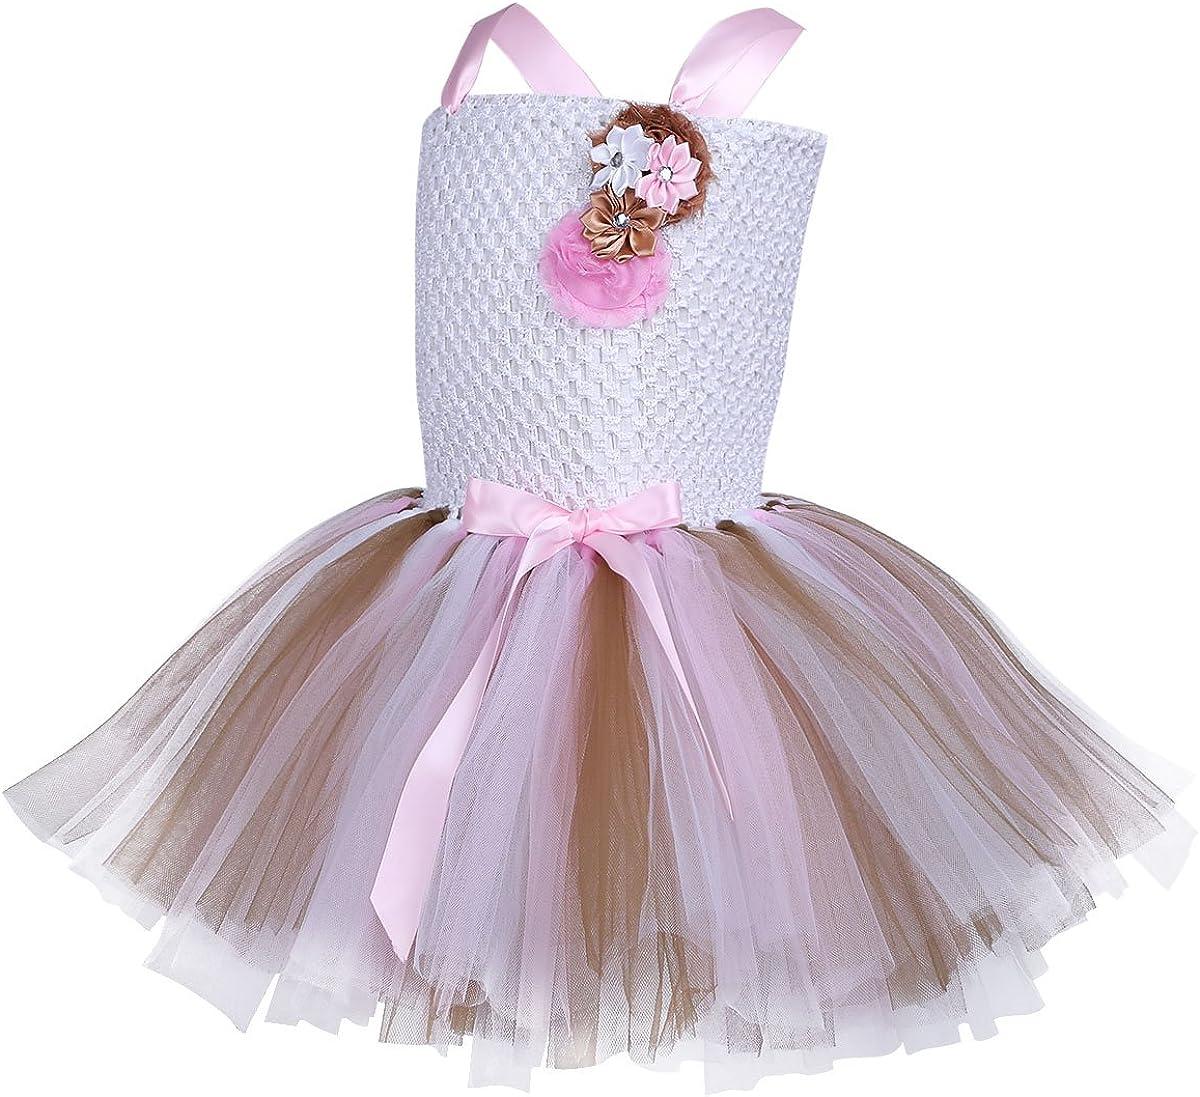 iiniim Enfant Fille D/éguisement Licorne Tutu F/ée Robe de Princesse Soir/ée et Serre-t/ête Cheveux Licorne Cosplay Costume Halloween Robe de Danse Bal Cadeau Anniversaire F/ête